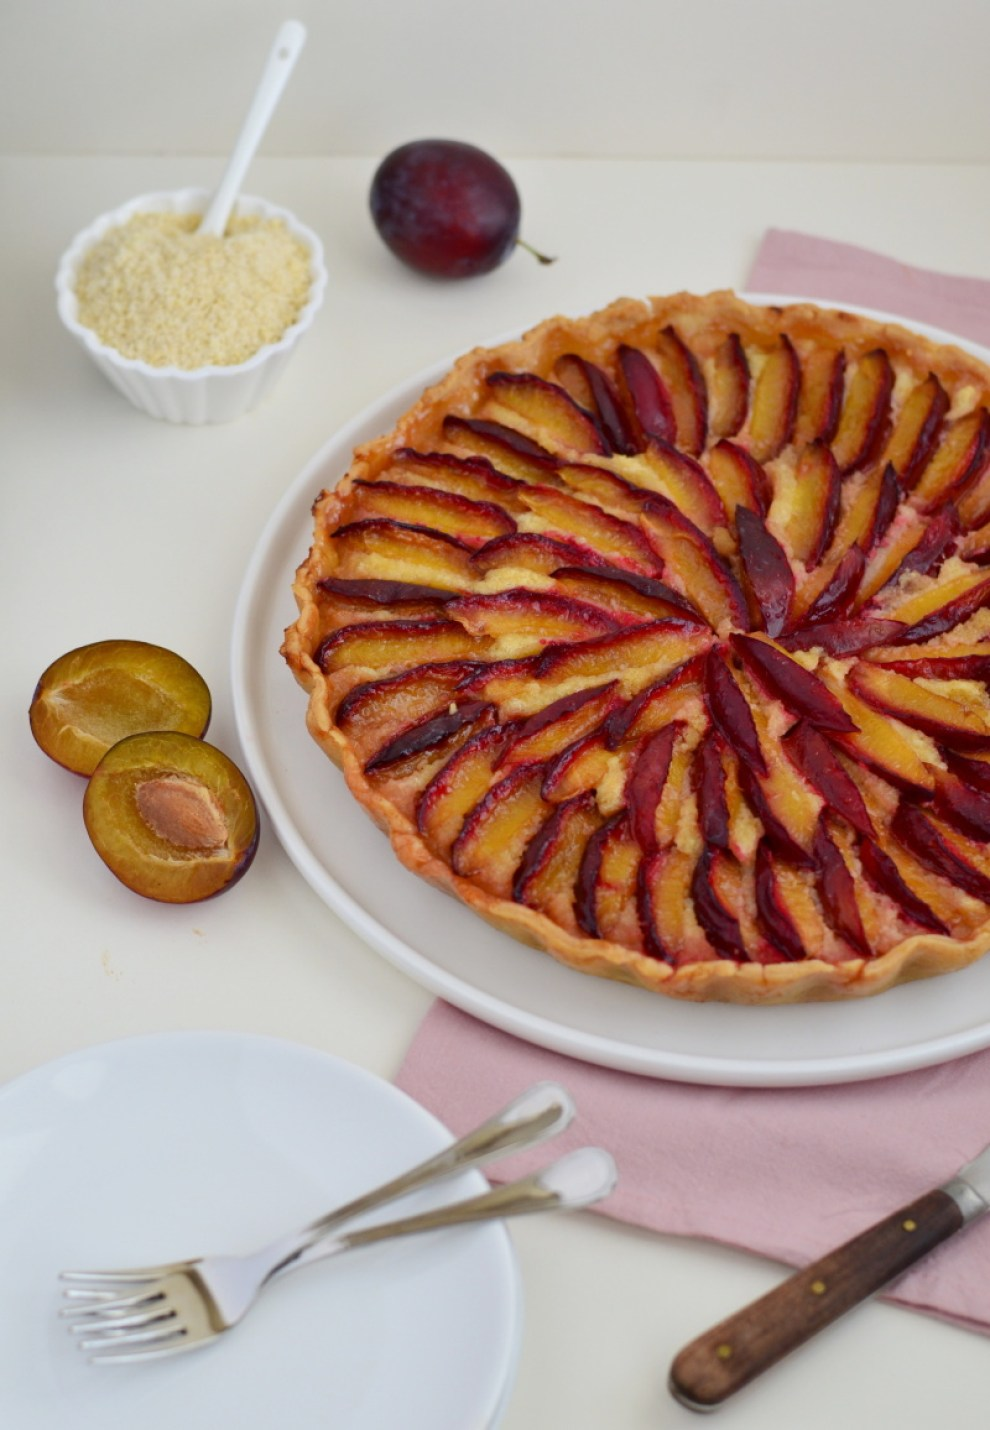 """Švestkový koláč s mandlovou náplní je moc dobrý koláč z tvrdšího těsta plněný tzv. """"frangipane"""" čili směsí mandlí, másla a cukru, pokladený plátky švestek."""